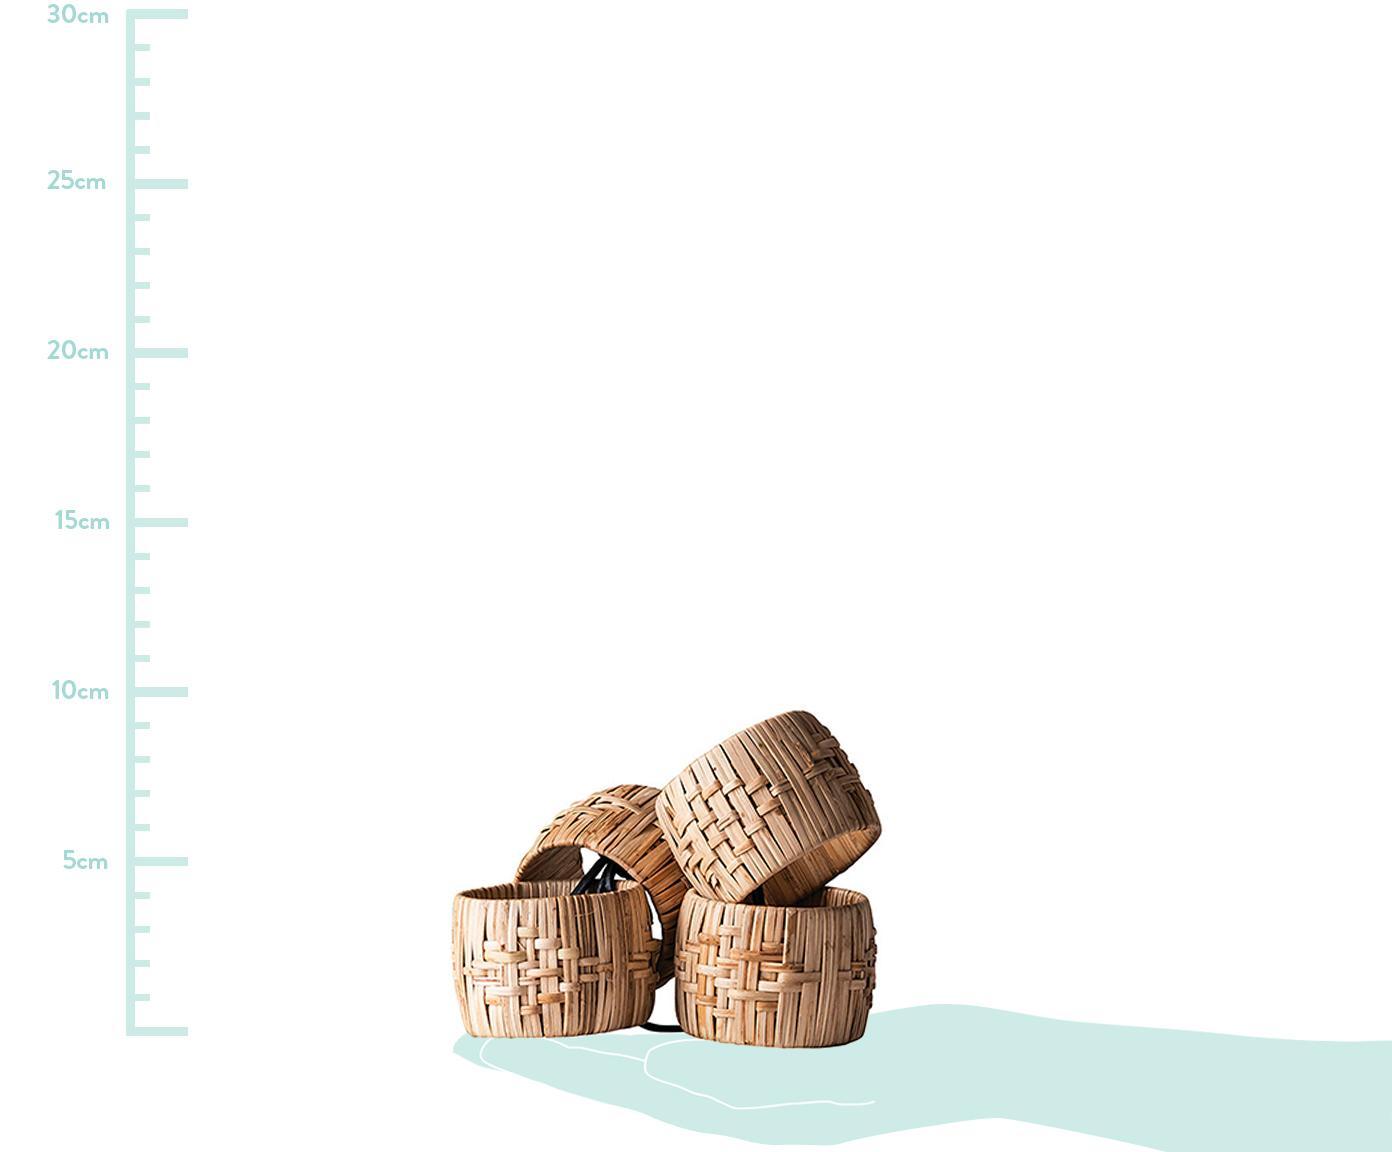 Servetringen Terrain, 4 stuks, Riet, Bruin, Ø 5 x H 4 cm